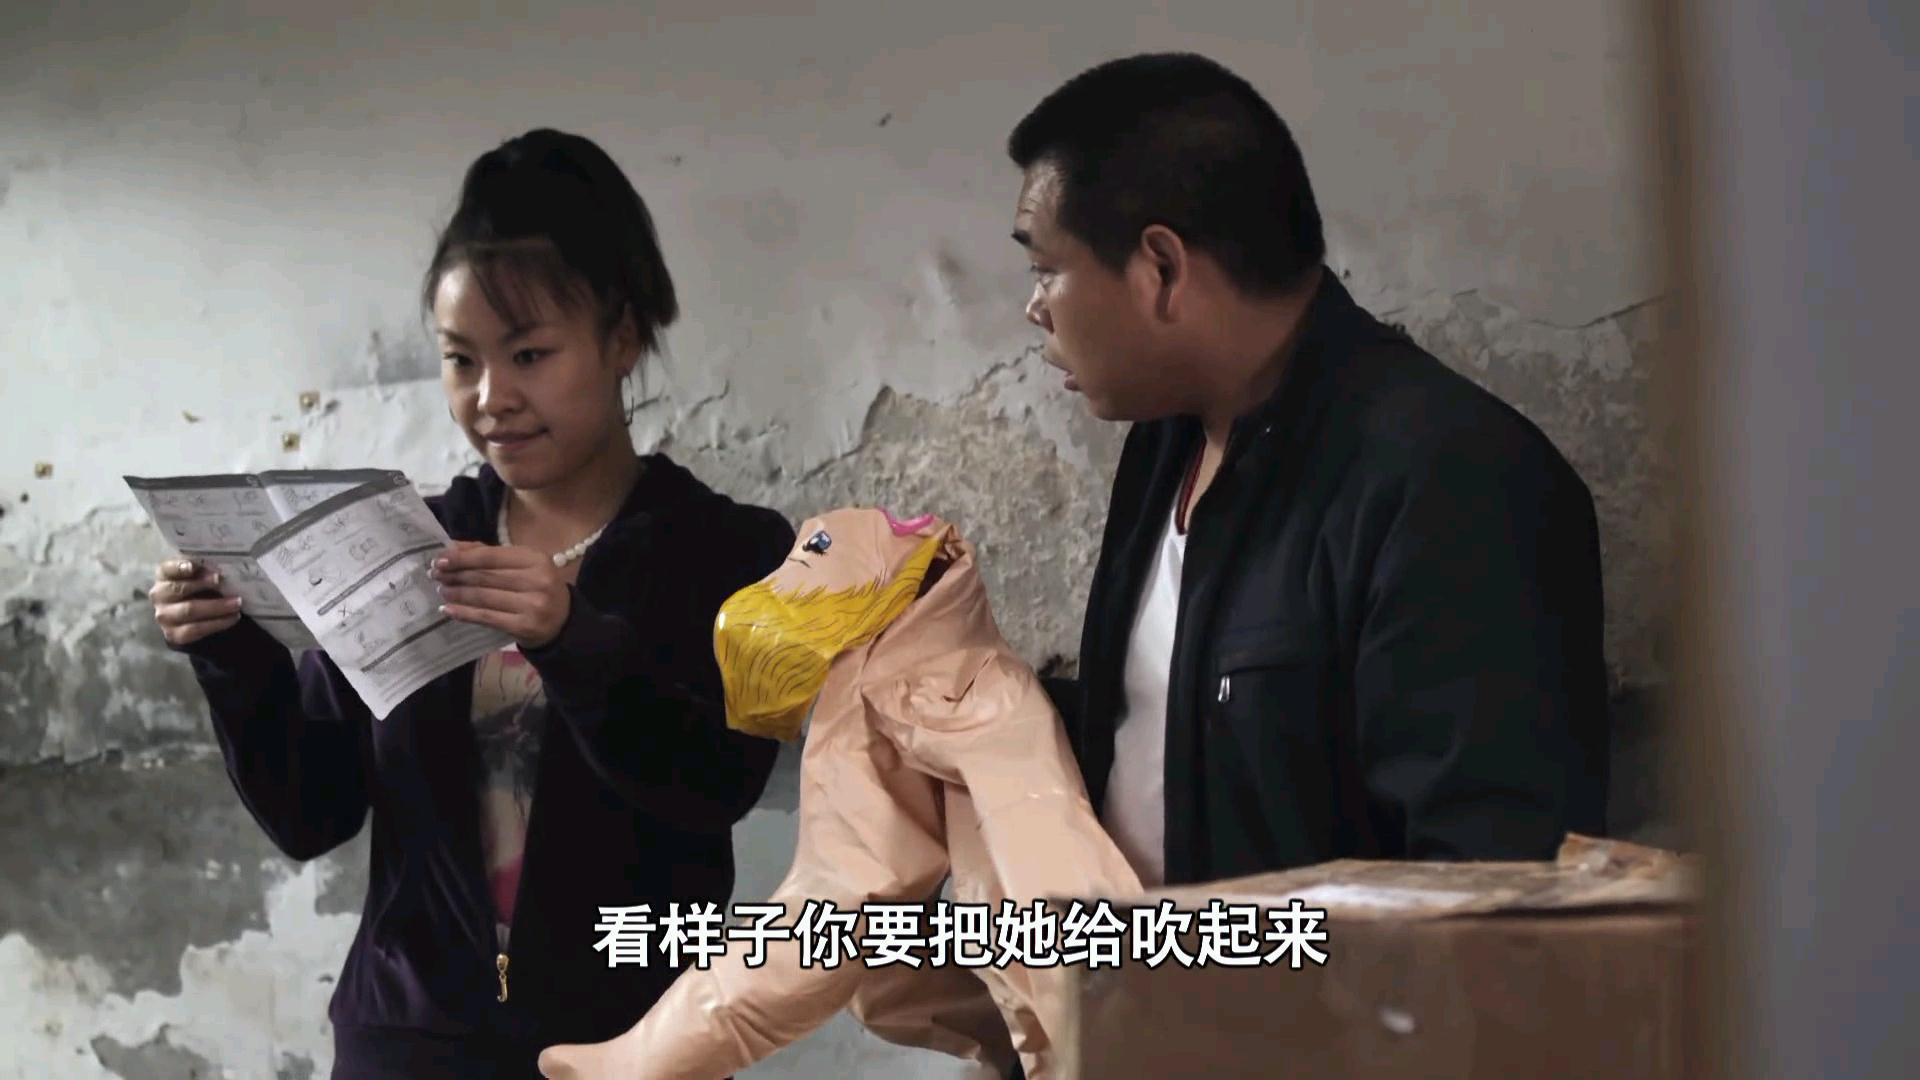 红灯梦 2012最新中国首部性喜剧大片 高清 bt种子